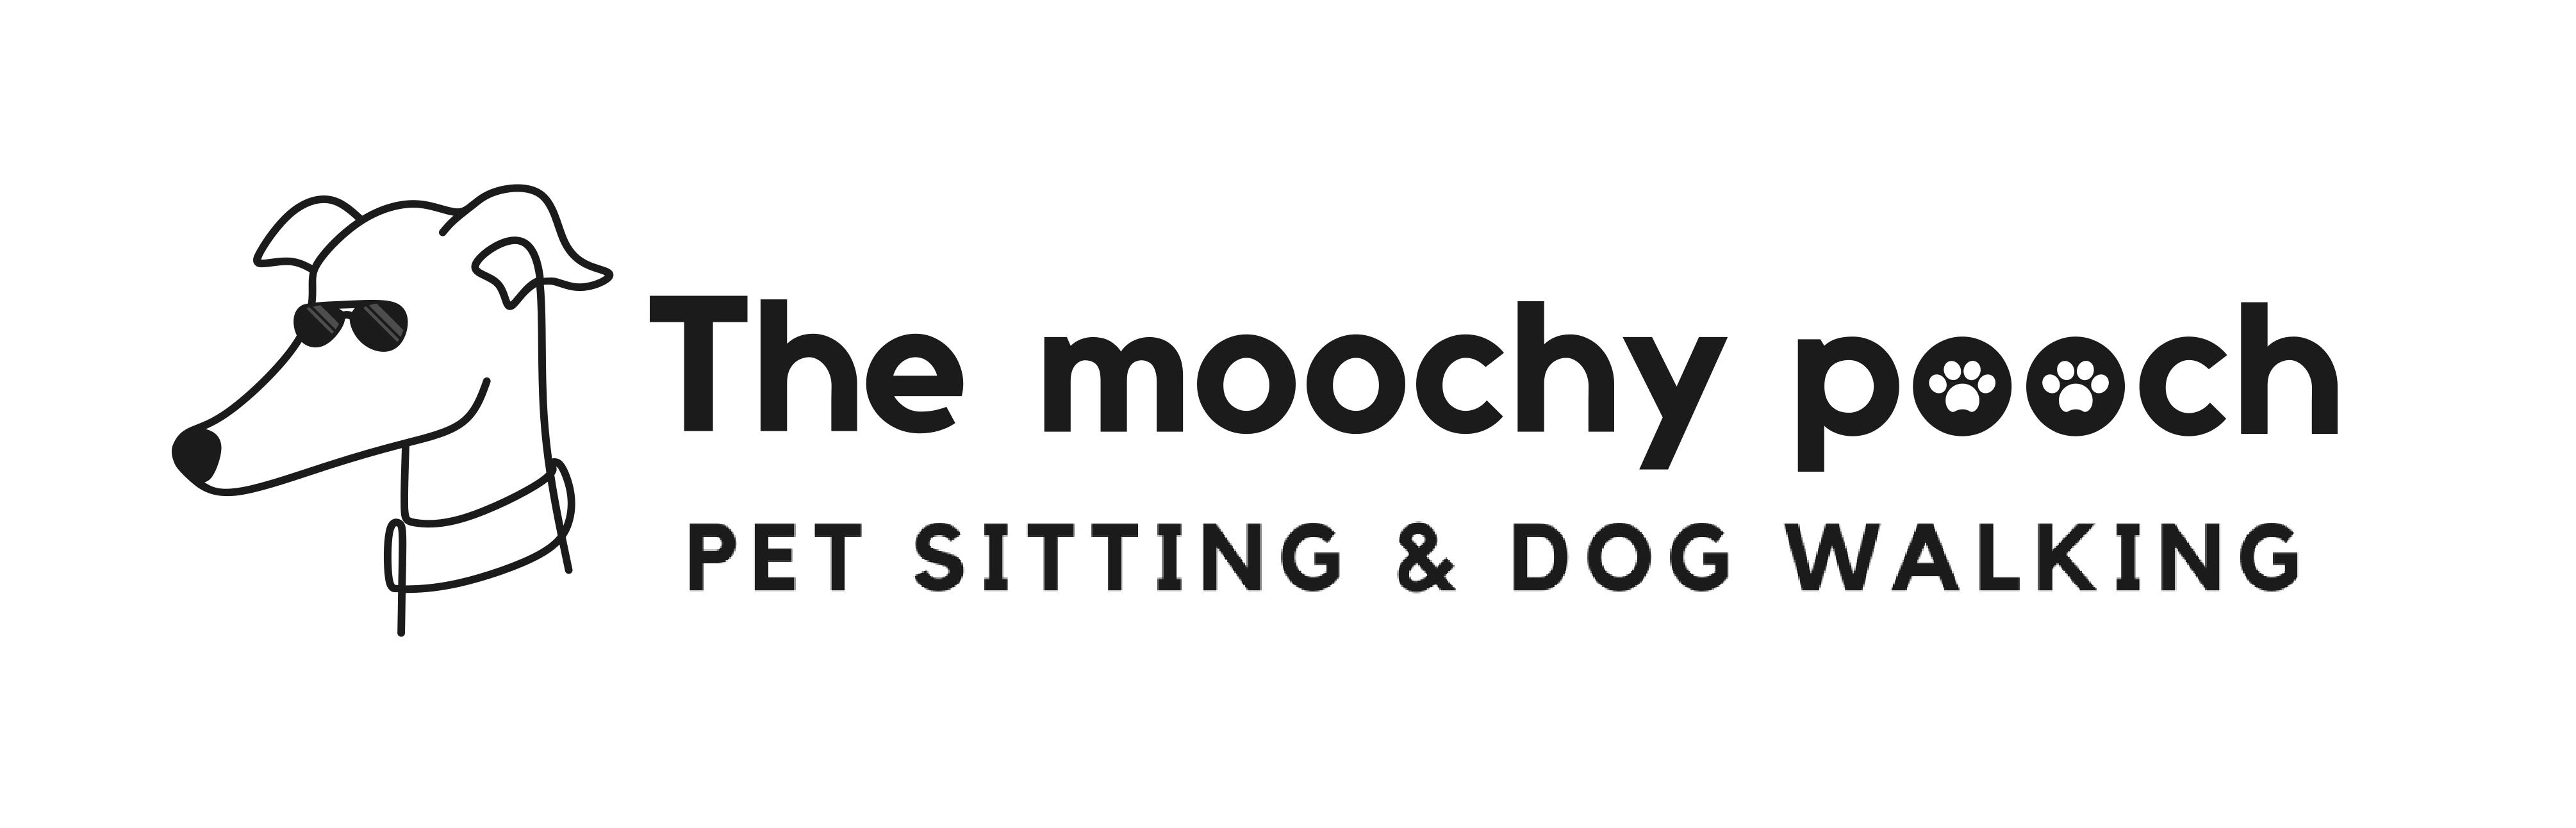 The Moochy Pooch